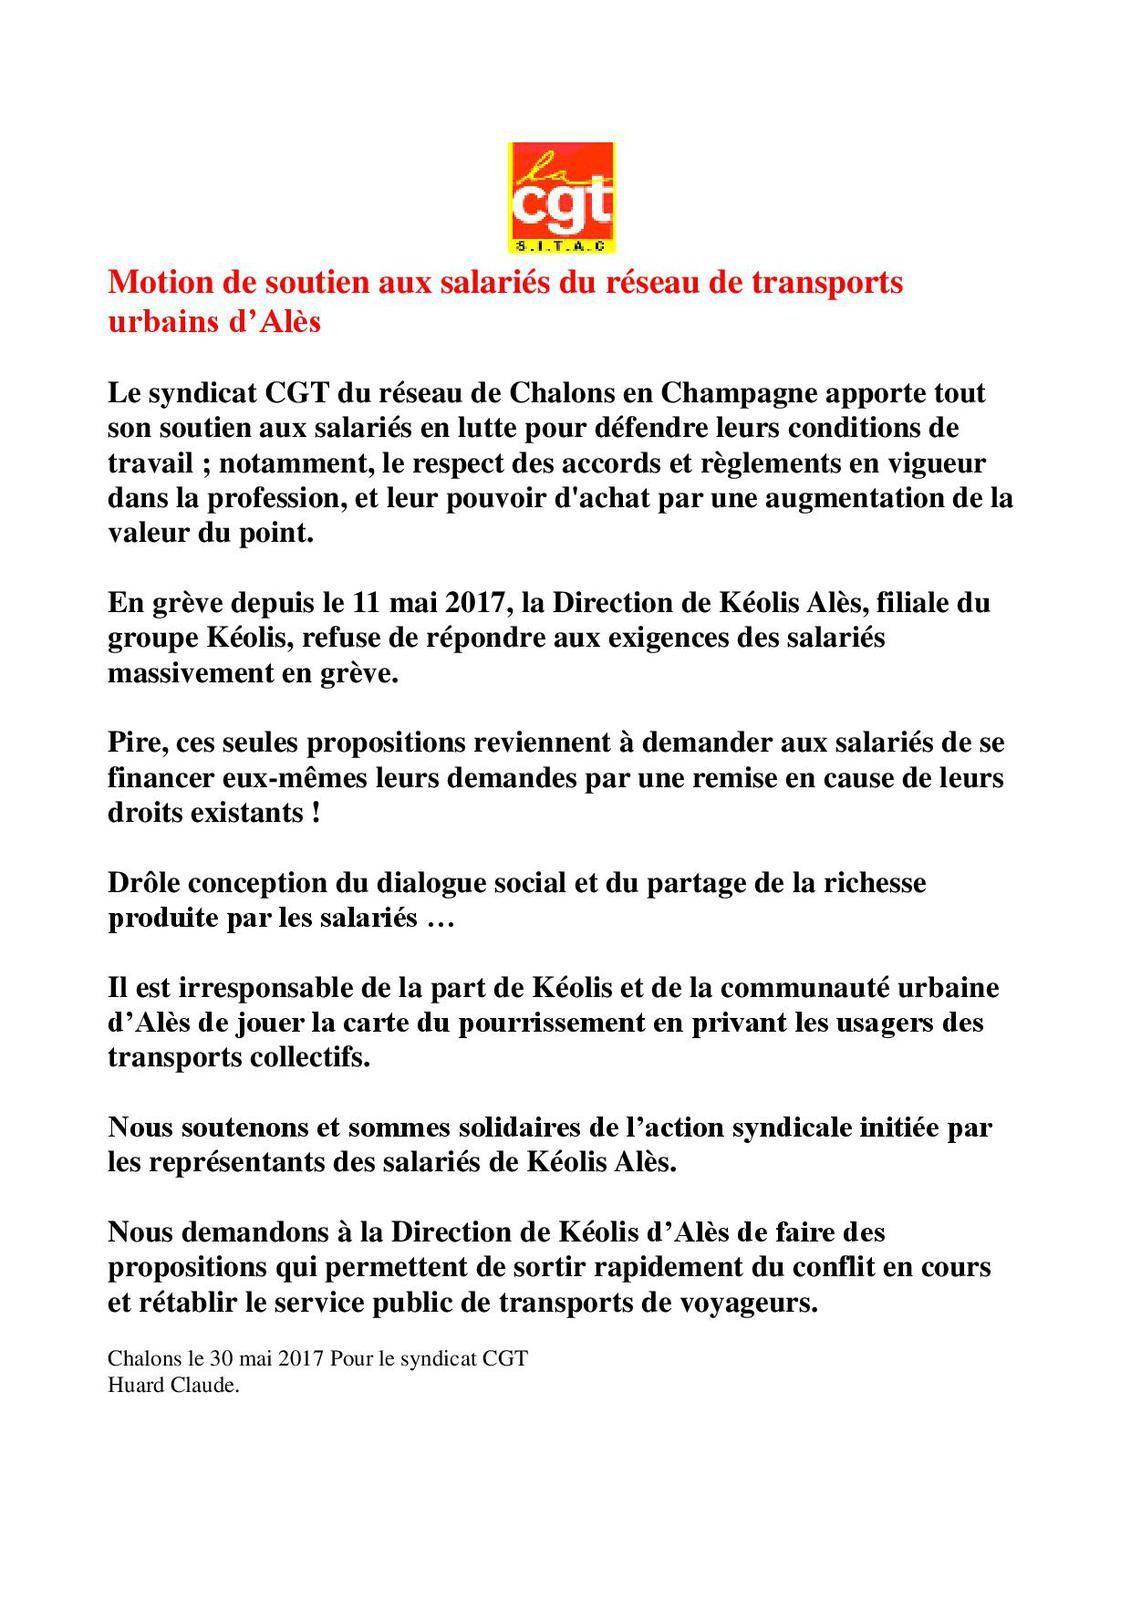 Soutiens aux chauffeurs en Grève KEOLIS-ALES